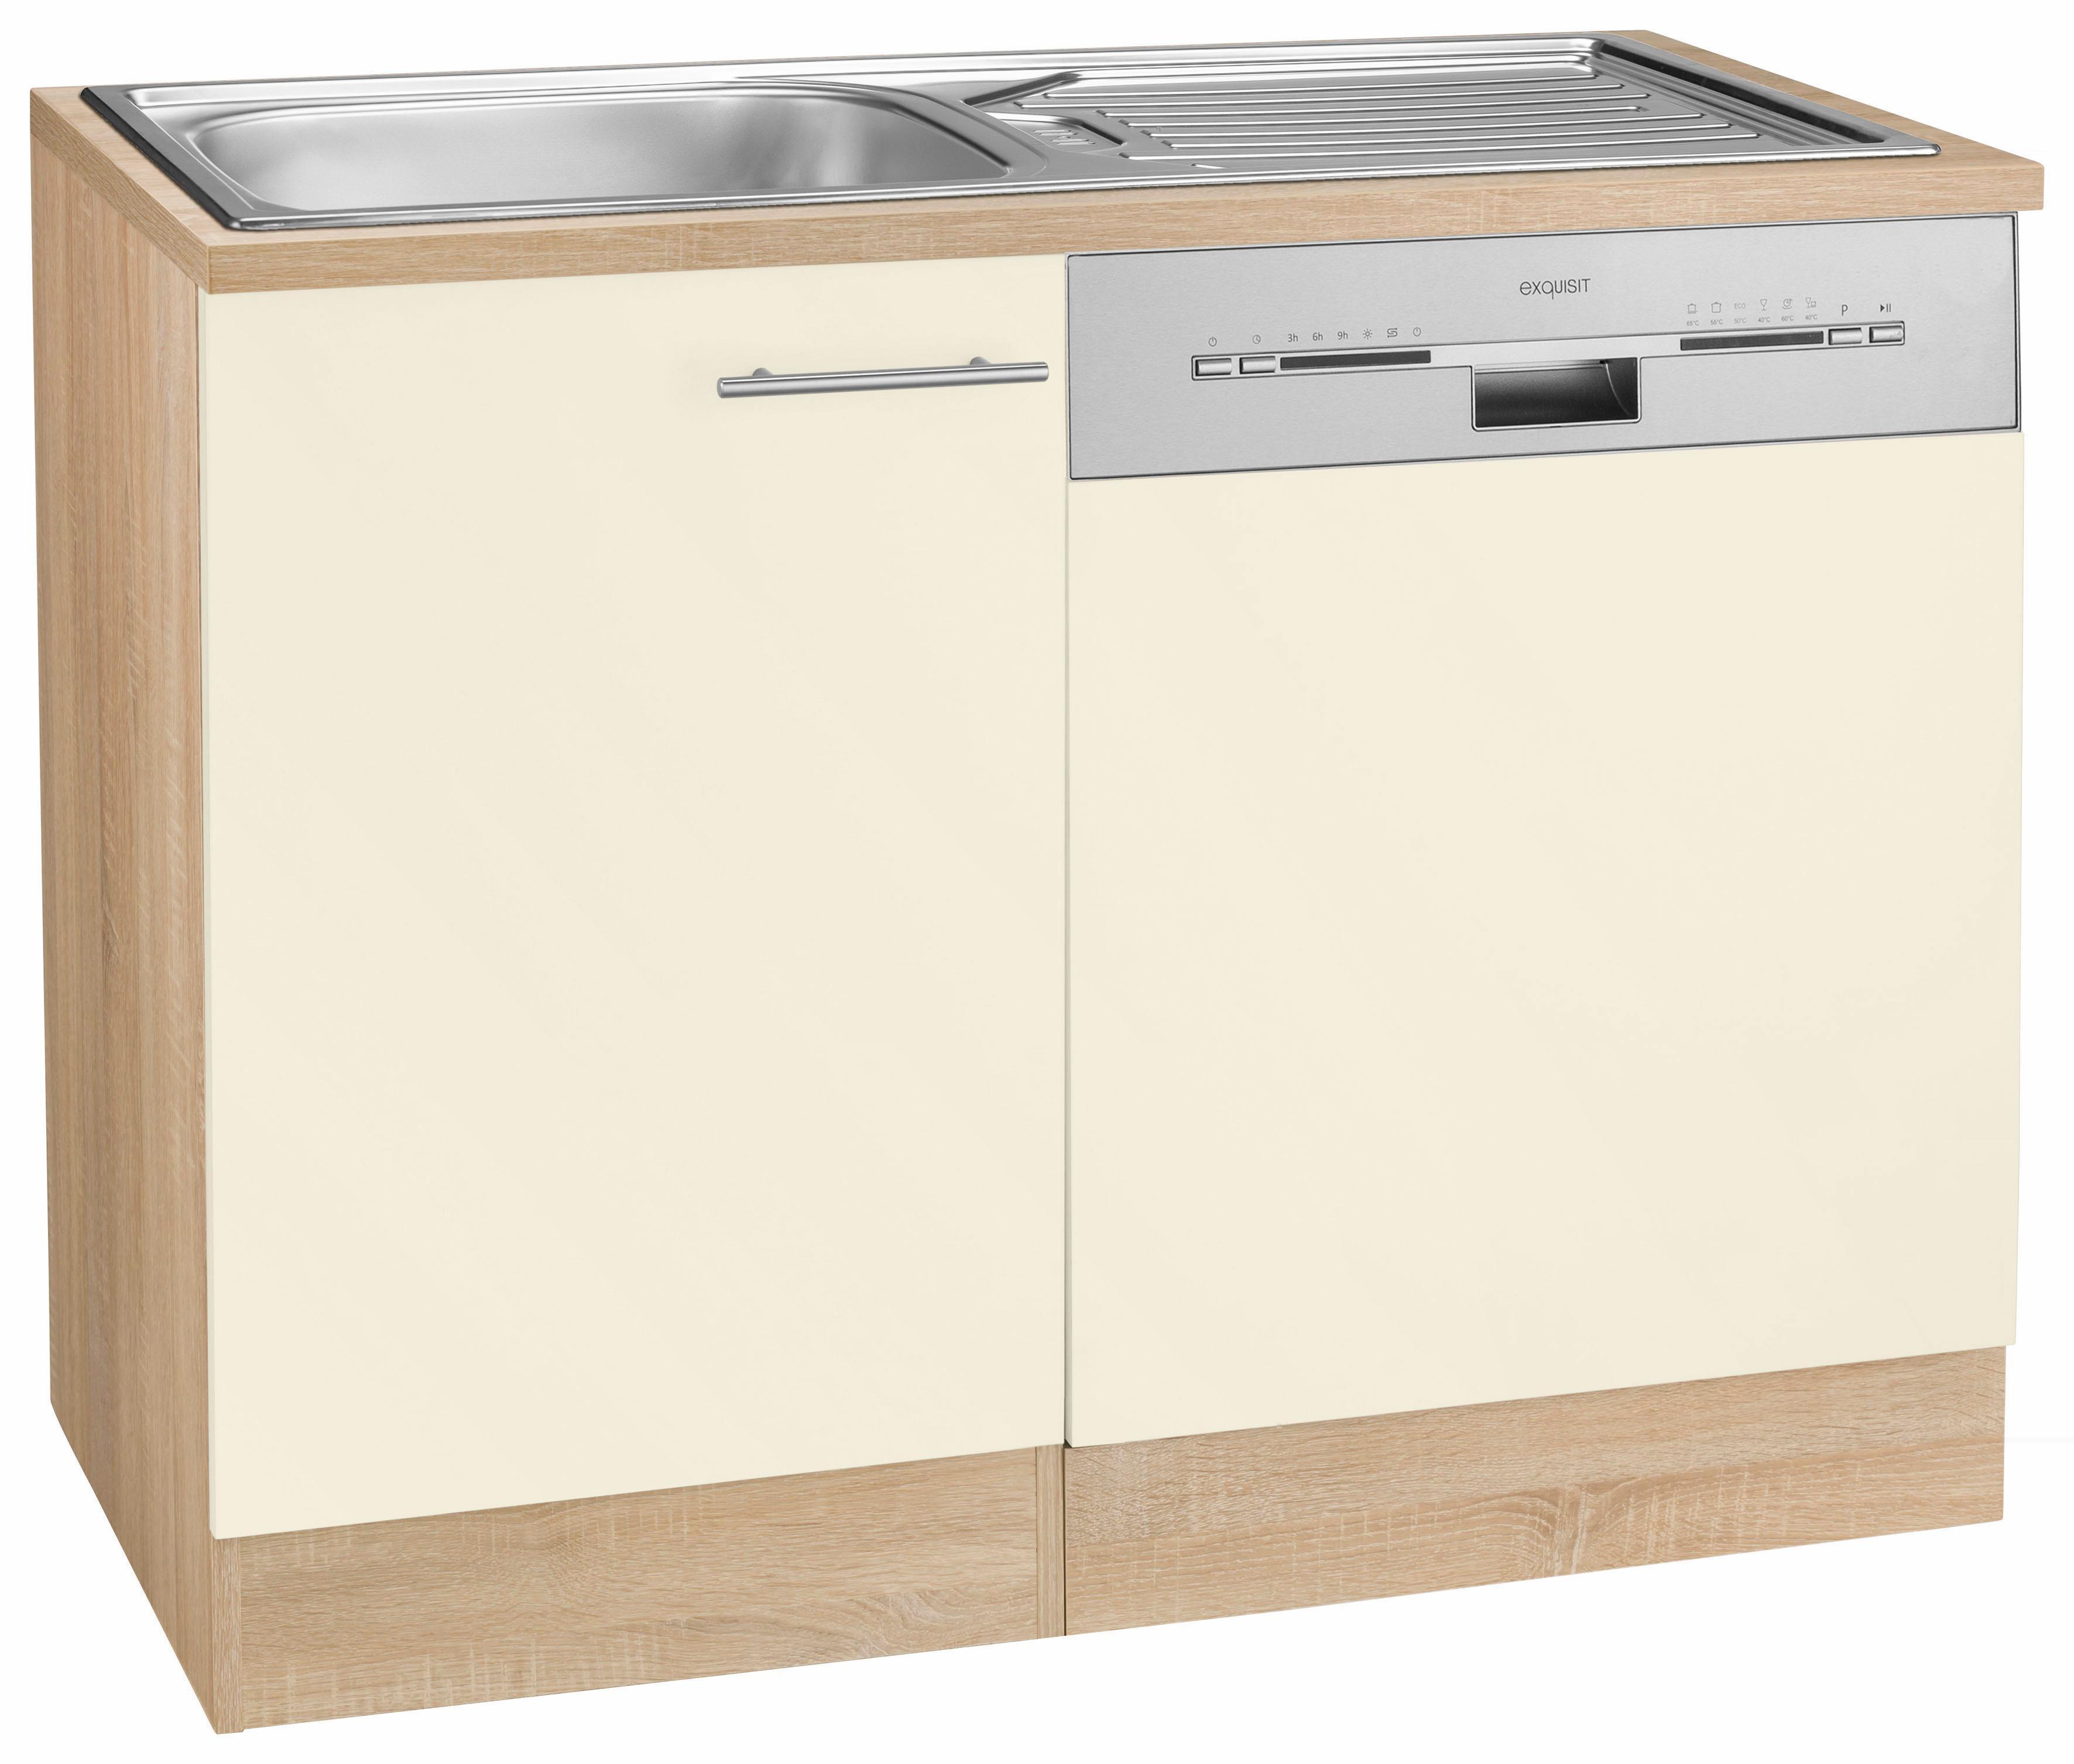 natur-edelstahl Spülenschränke online kaufen   Möbel-Suchmaschine ...